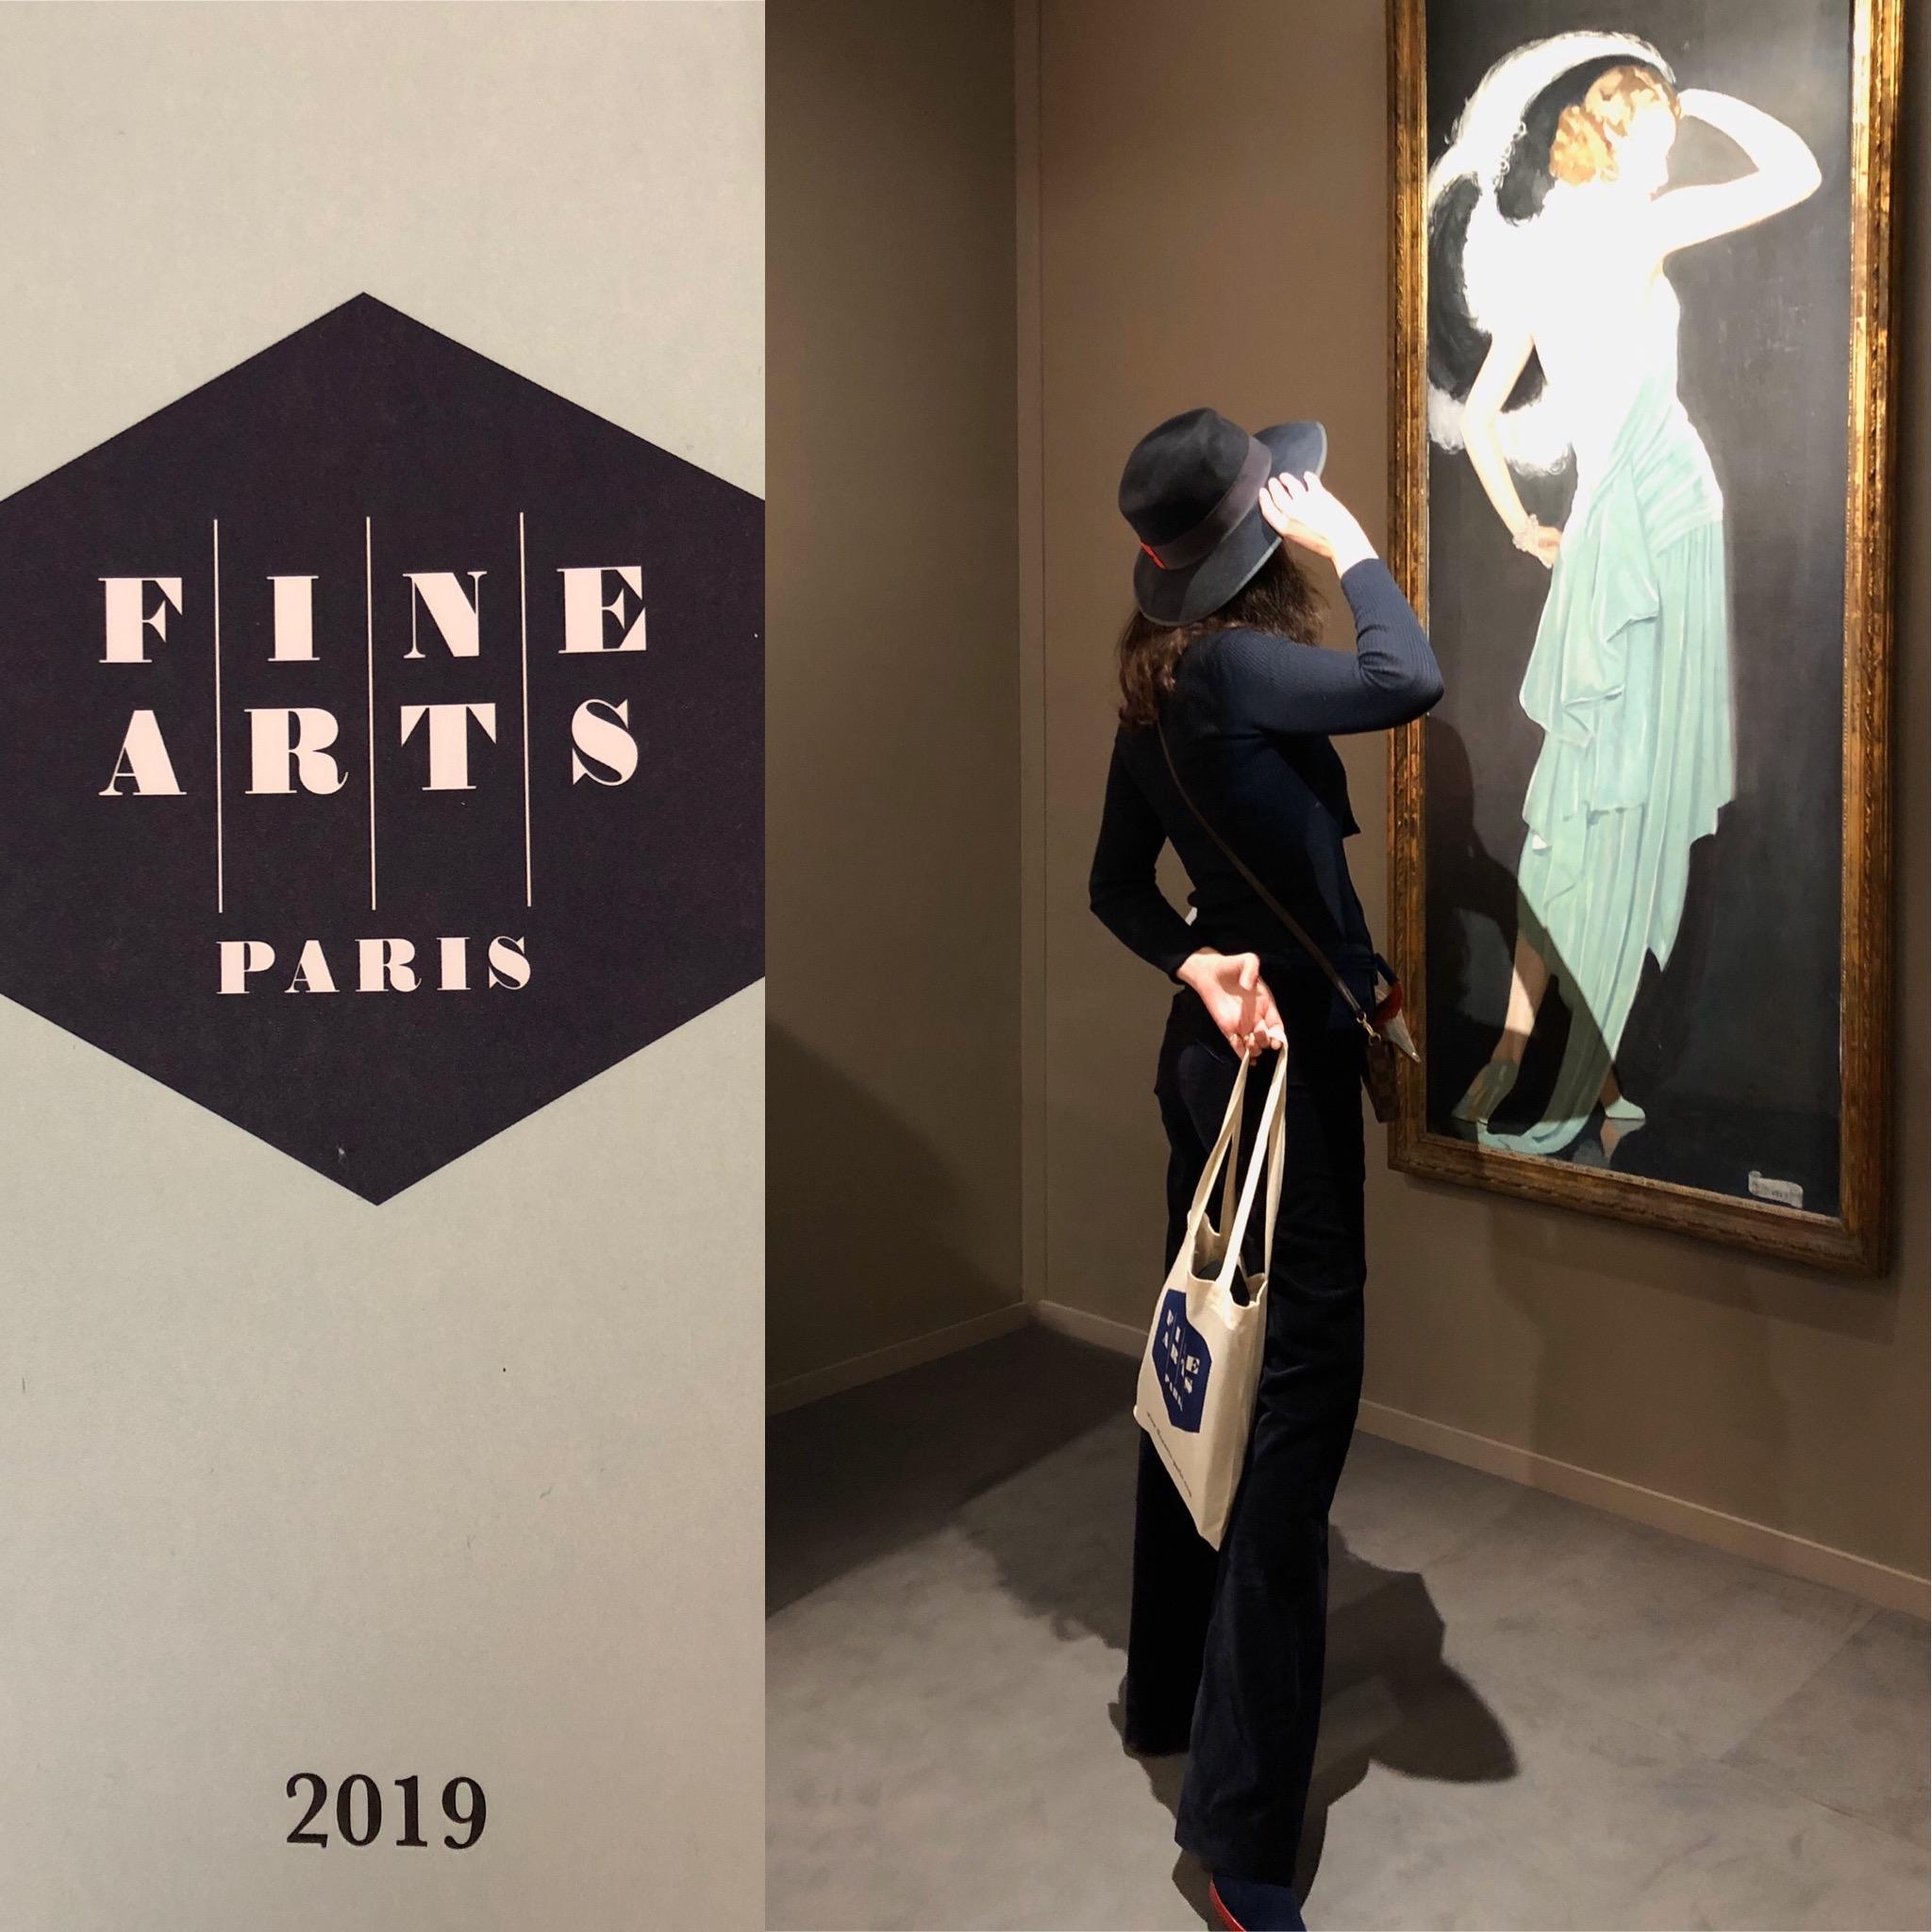 Fine Arts Paris 2019 - The Gaze of a Parisienne